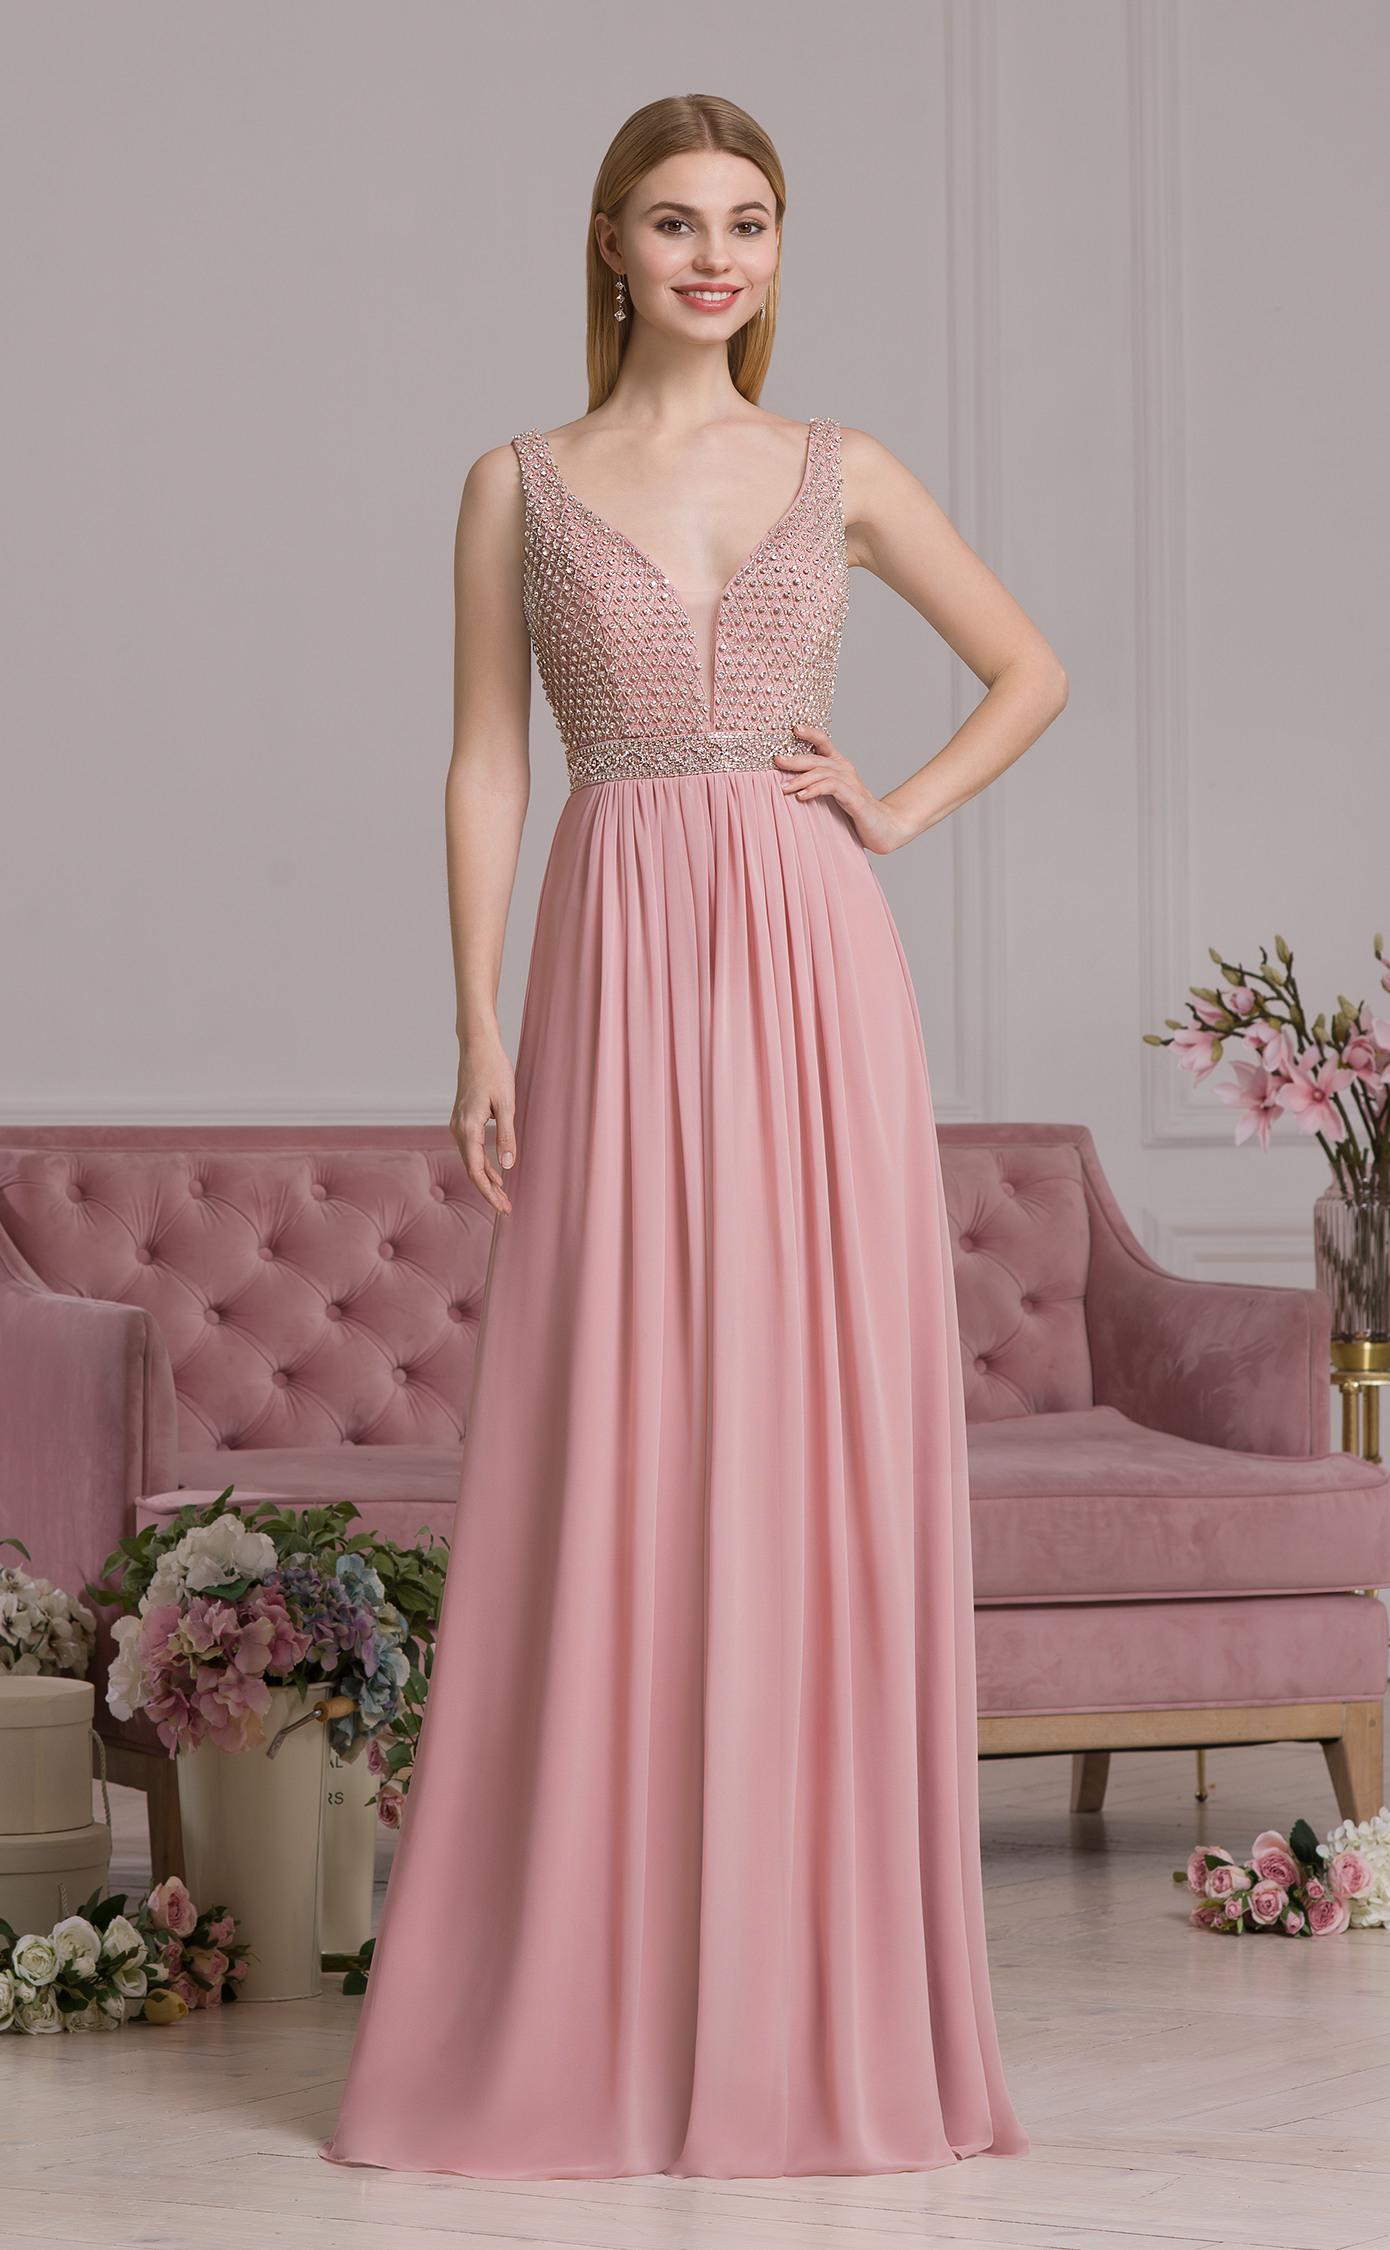 10 Ausgezeichnet Abendkleid Altrosa Galerie17 Wunderbar Abendkleid Altrosa Stylish